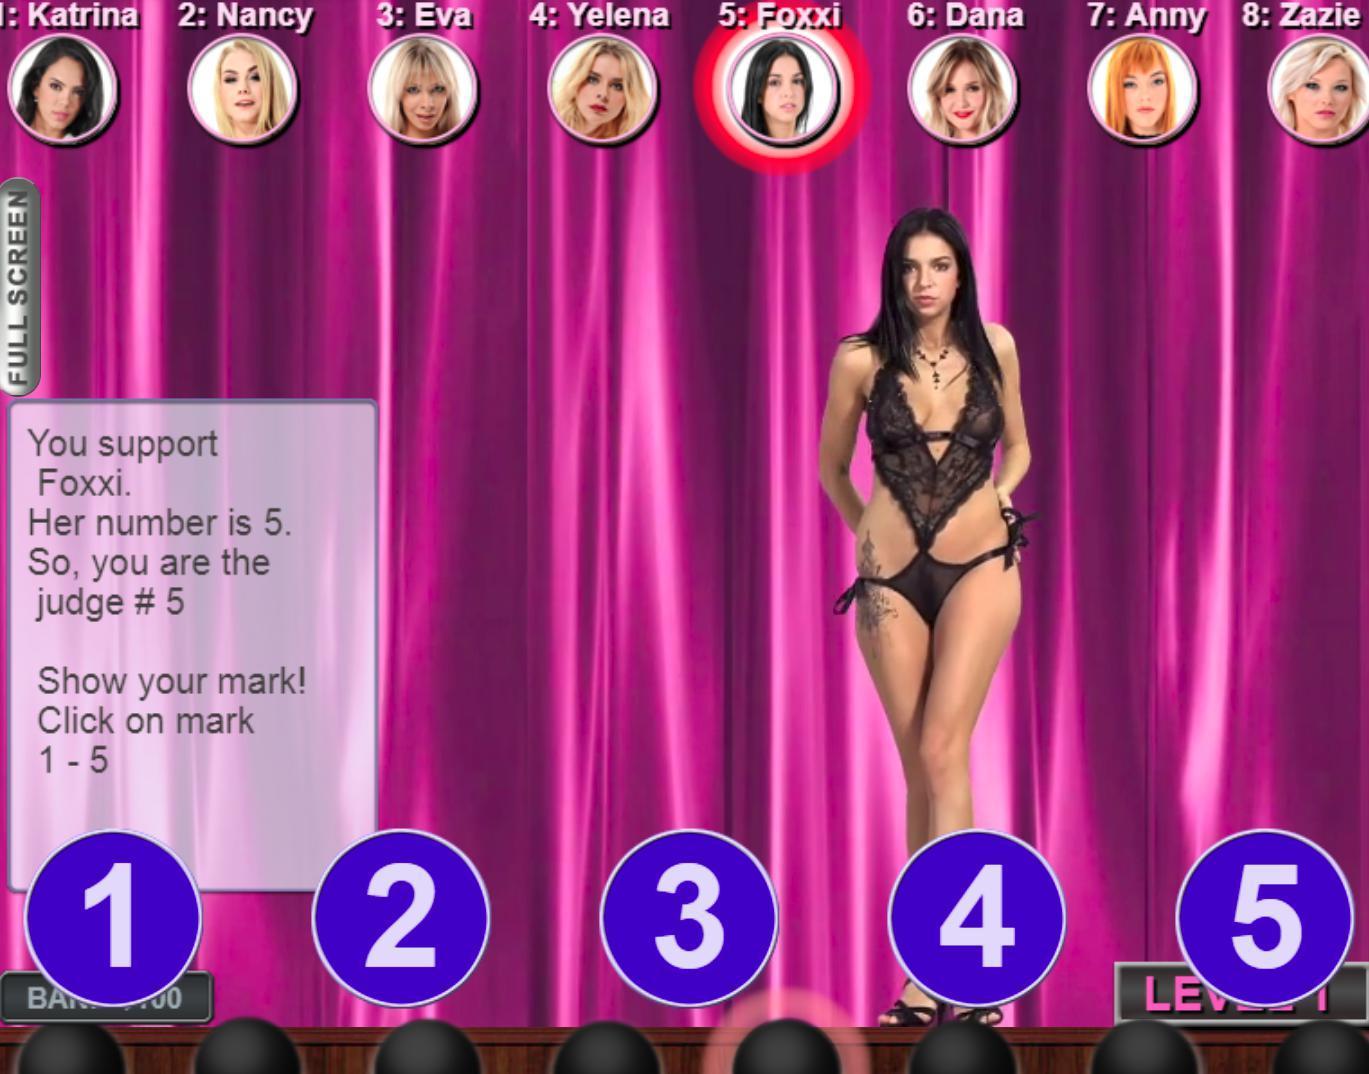 Stripgamecentral